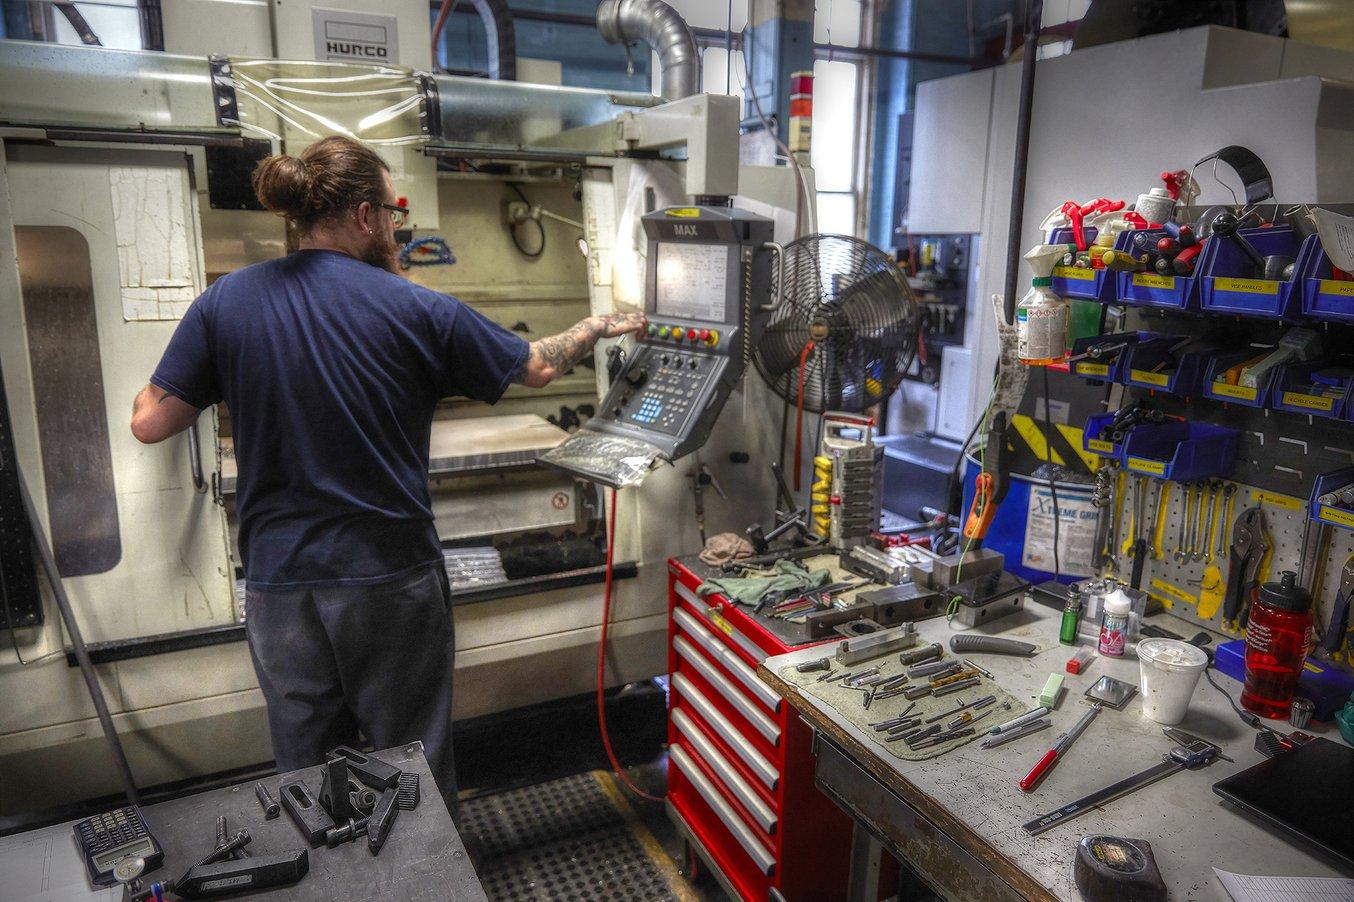 Para programar una fresadora de CNC, es necesario contar con las habilidades necesarias y disponer de tiempo. Si no hace falta que una pieza sea de metal, la impresión 3D puede ser una herramienta práctica para crear prototipos o herramientas de producción